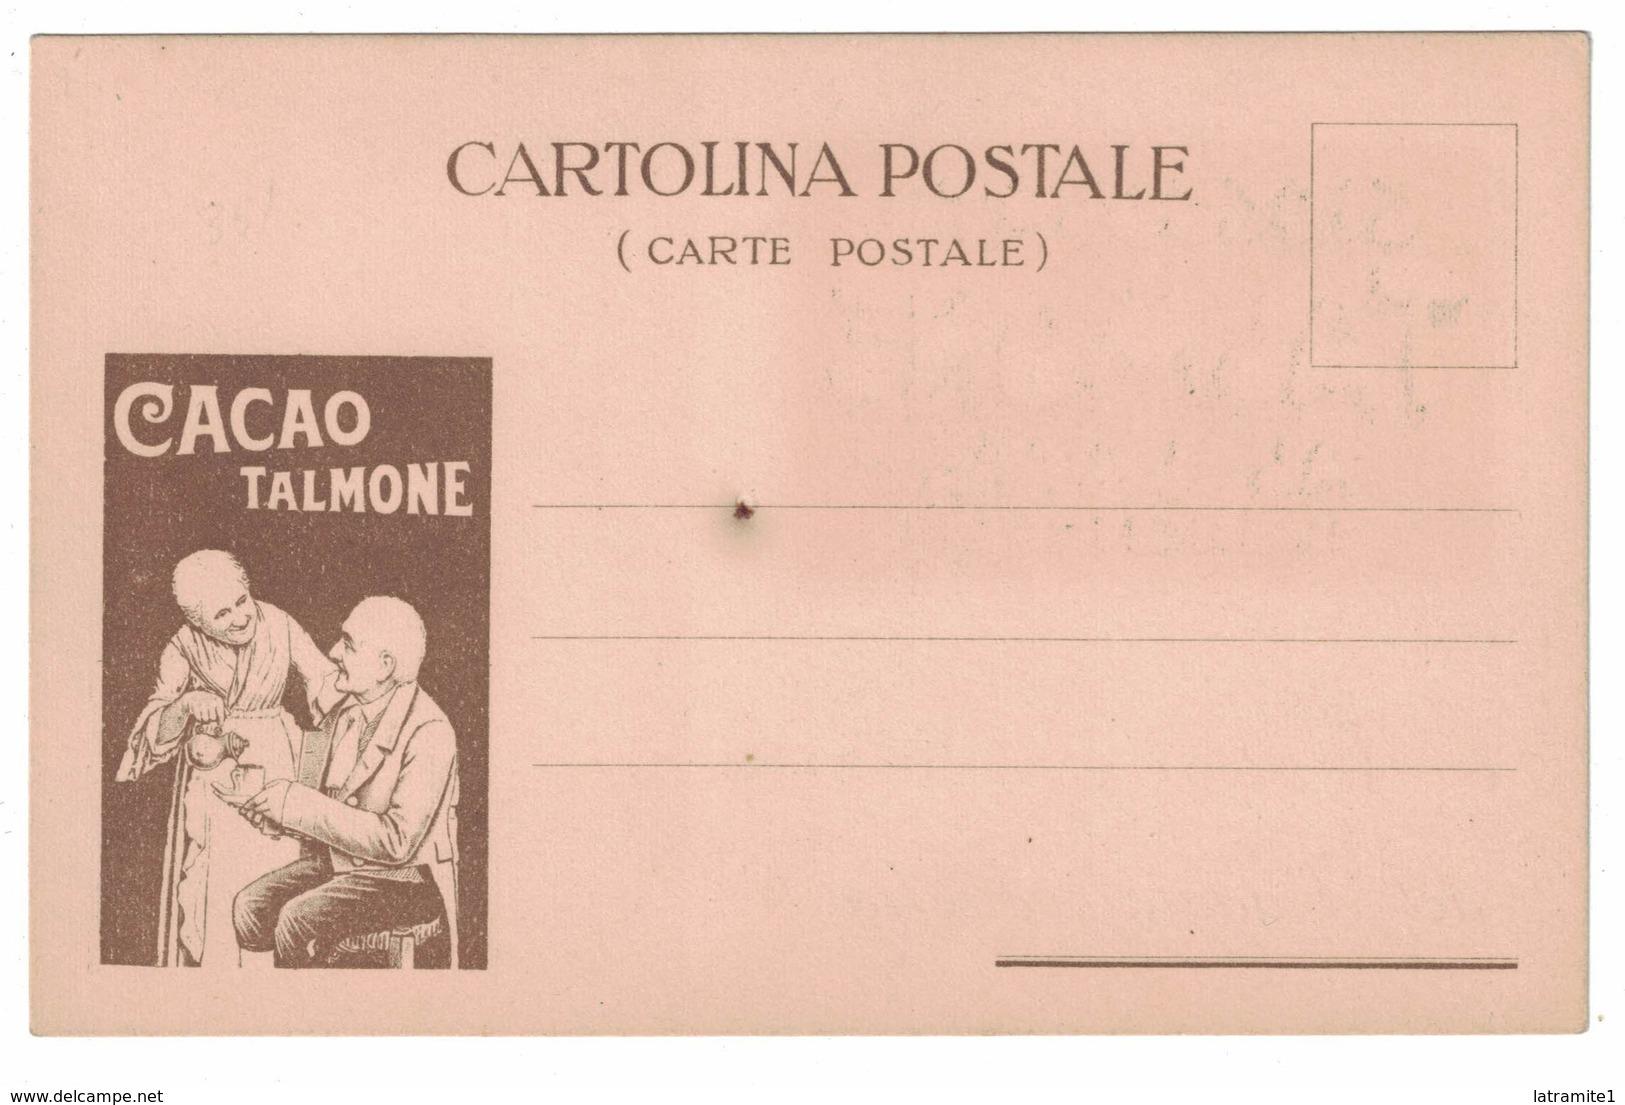 CARTOLINA PUBBLICITARIA CARTE POSTALE CIOCCOLATO TALMONE AL LATTE AVVISO DI PASSAGGIO DEL VIAGGIATORE - Pubblicitari